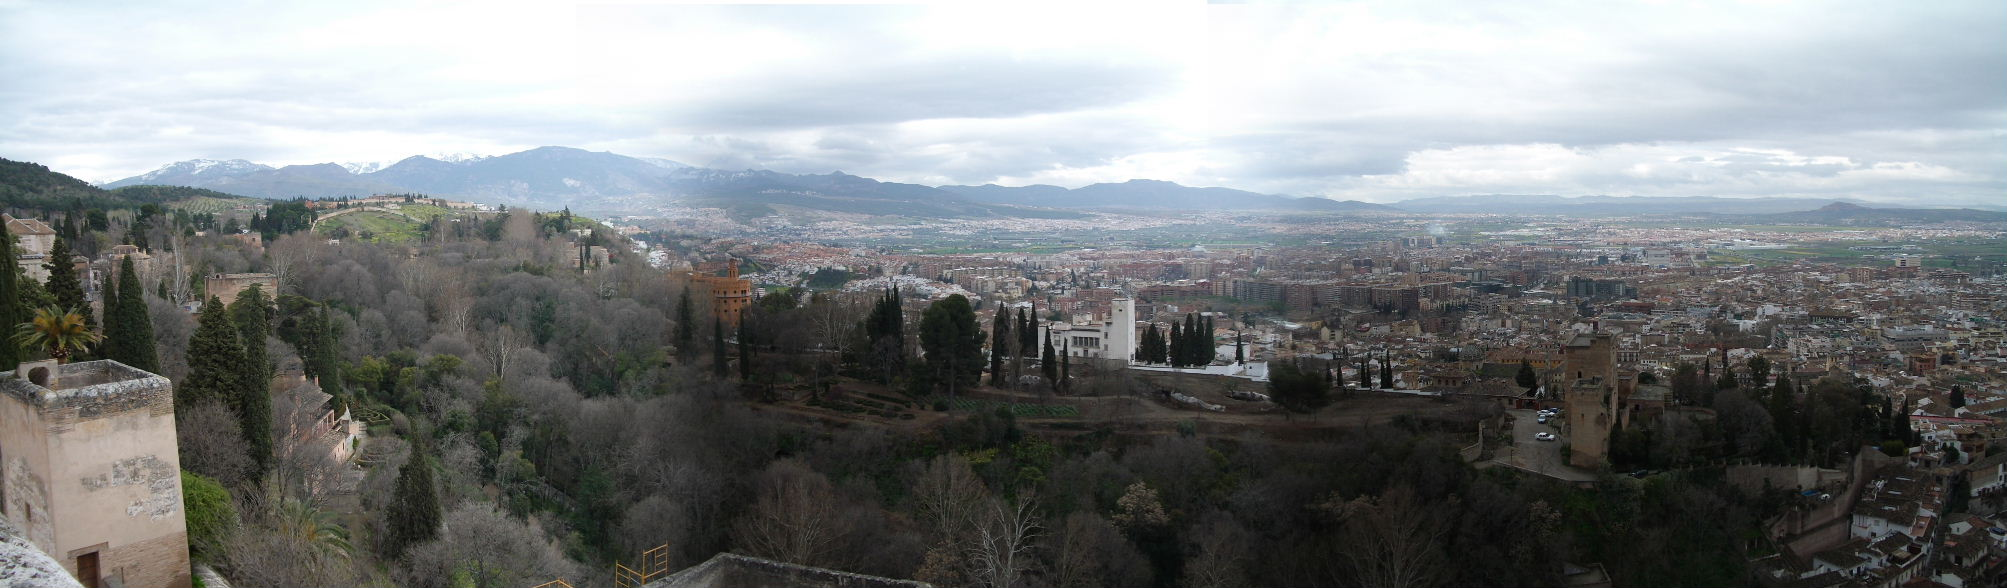 アルカサバからの景色